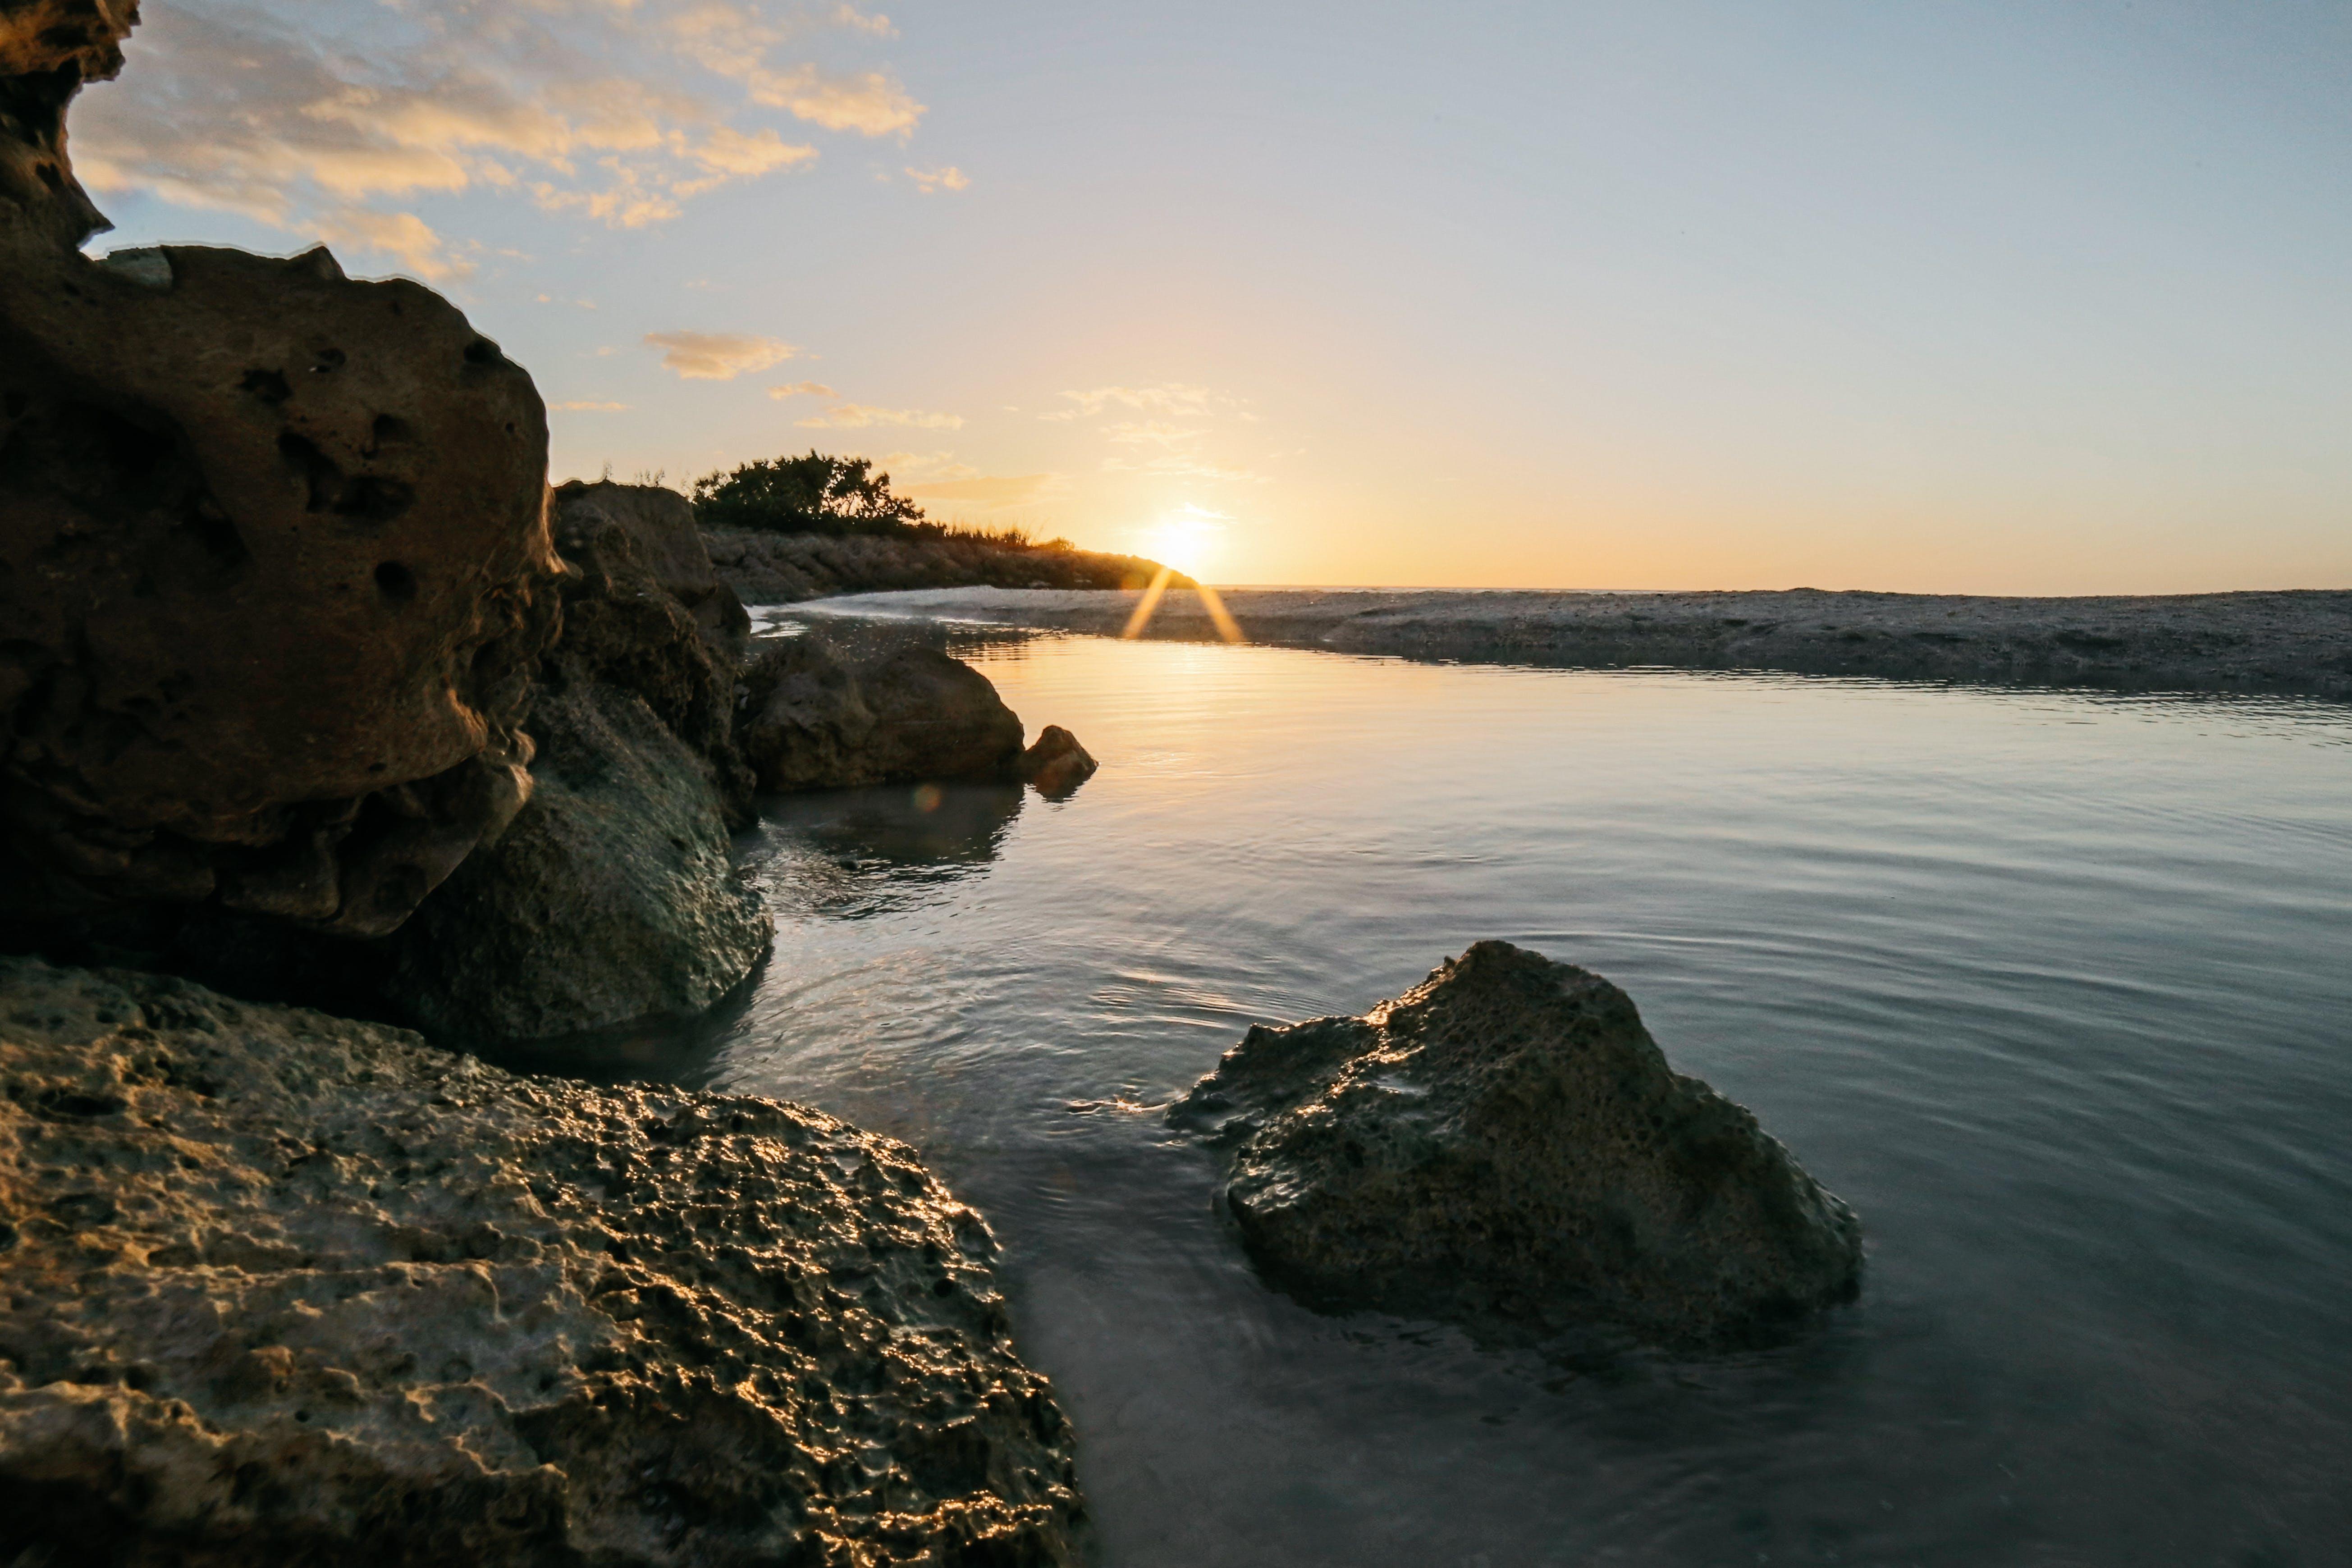 Безкоштовне стокове фото на тему «валуни, вода, дерево, Захід сонця»